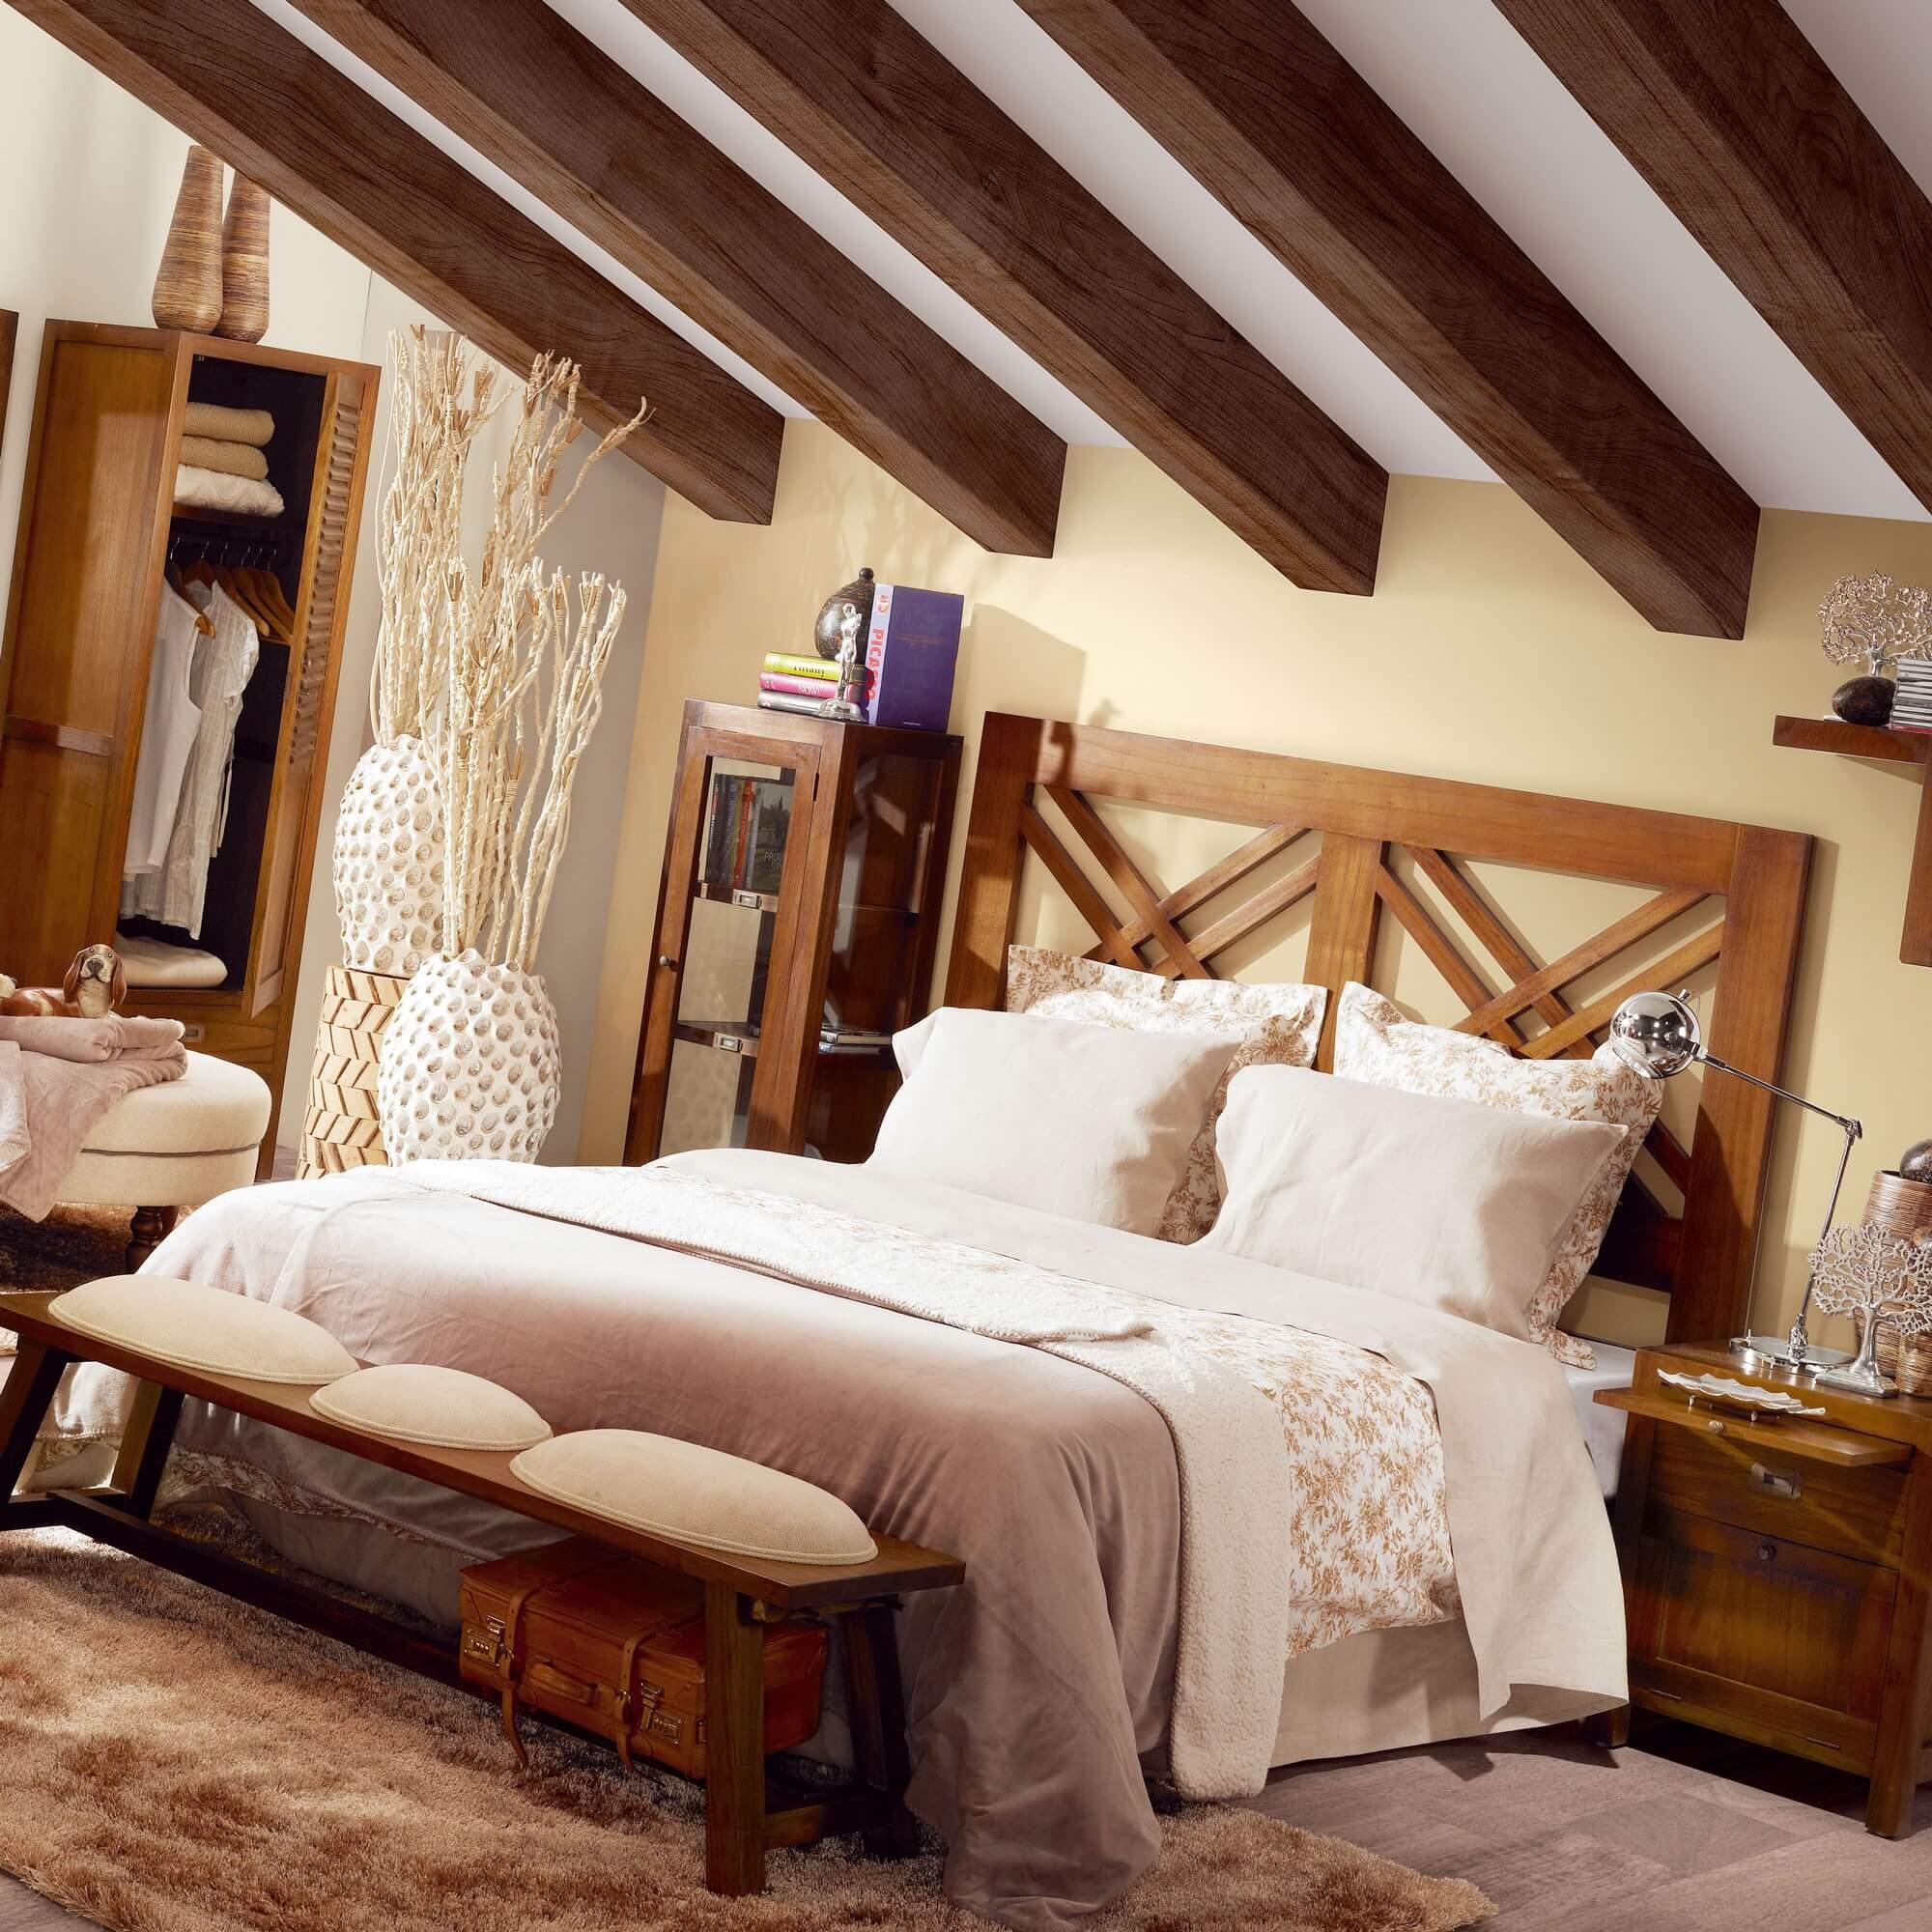 Muebles de dormitorio coloniales mueble colonial - Mueble rustico colonial ...